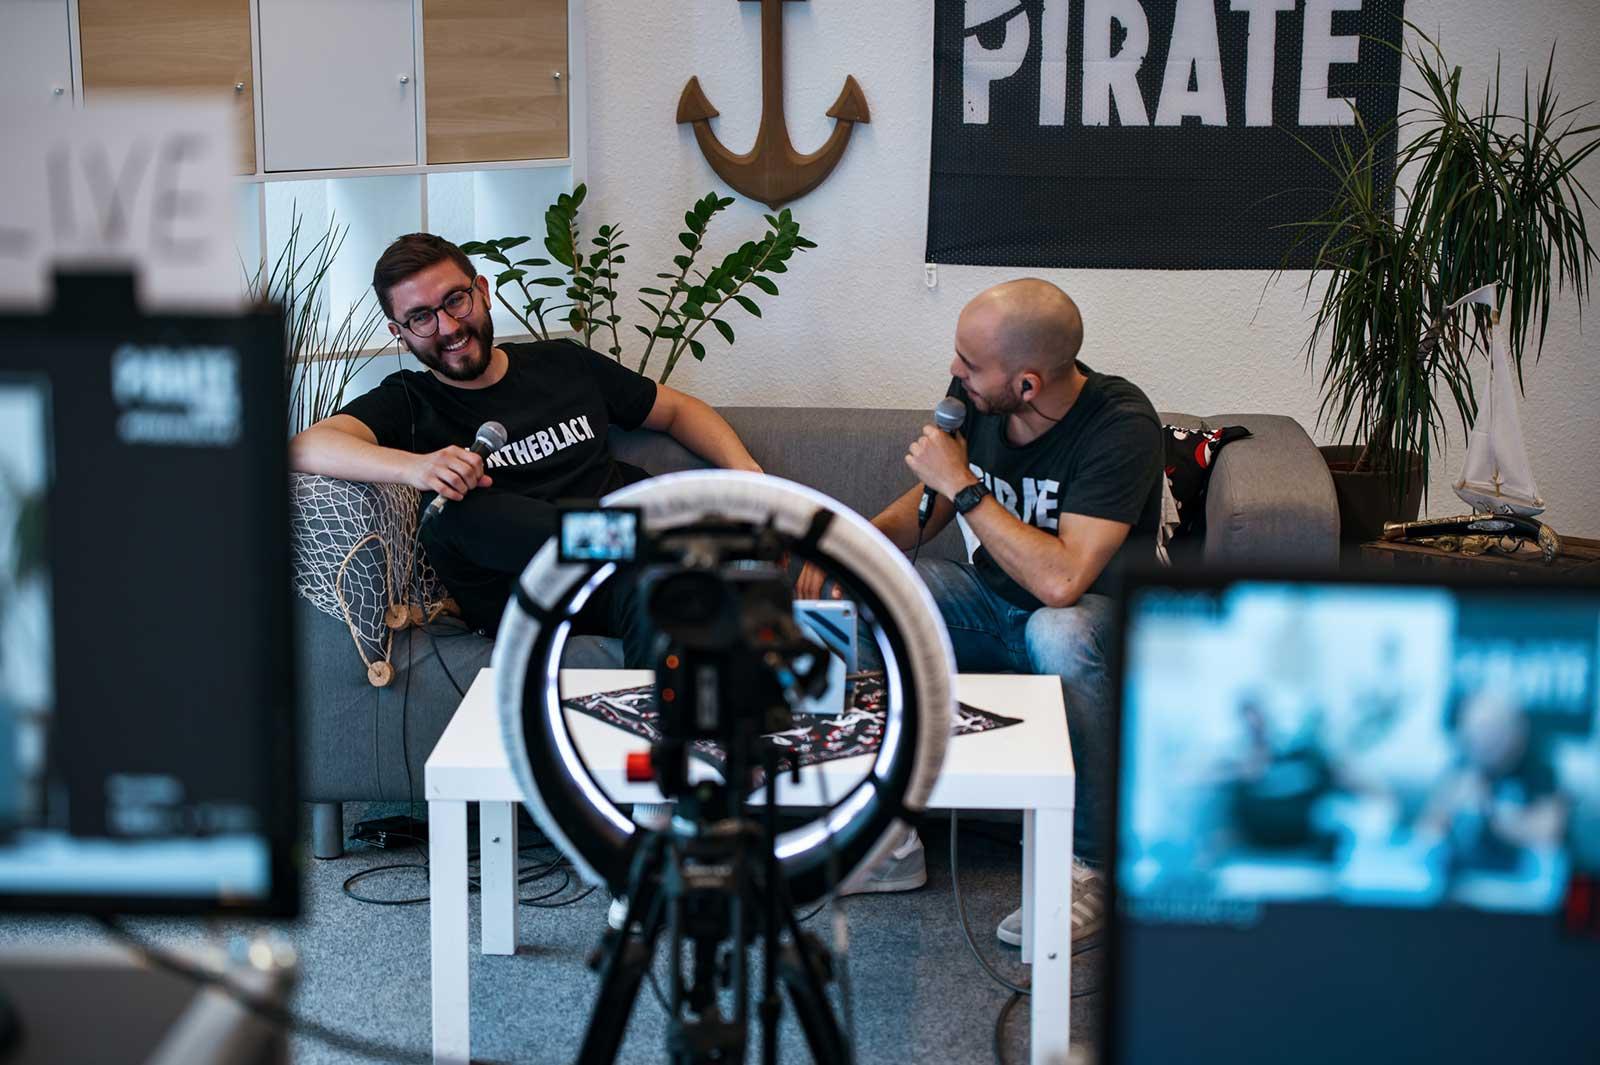 PIRATE Live 2020 by PIRATEx